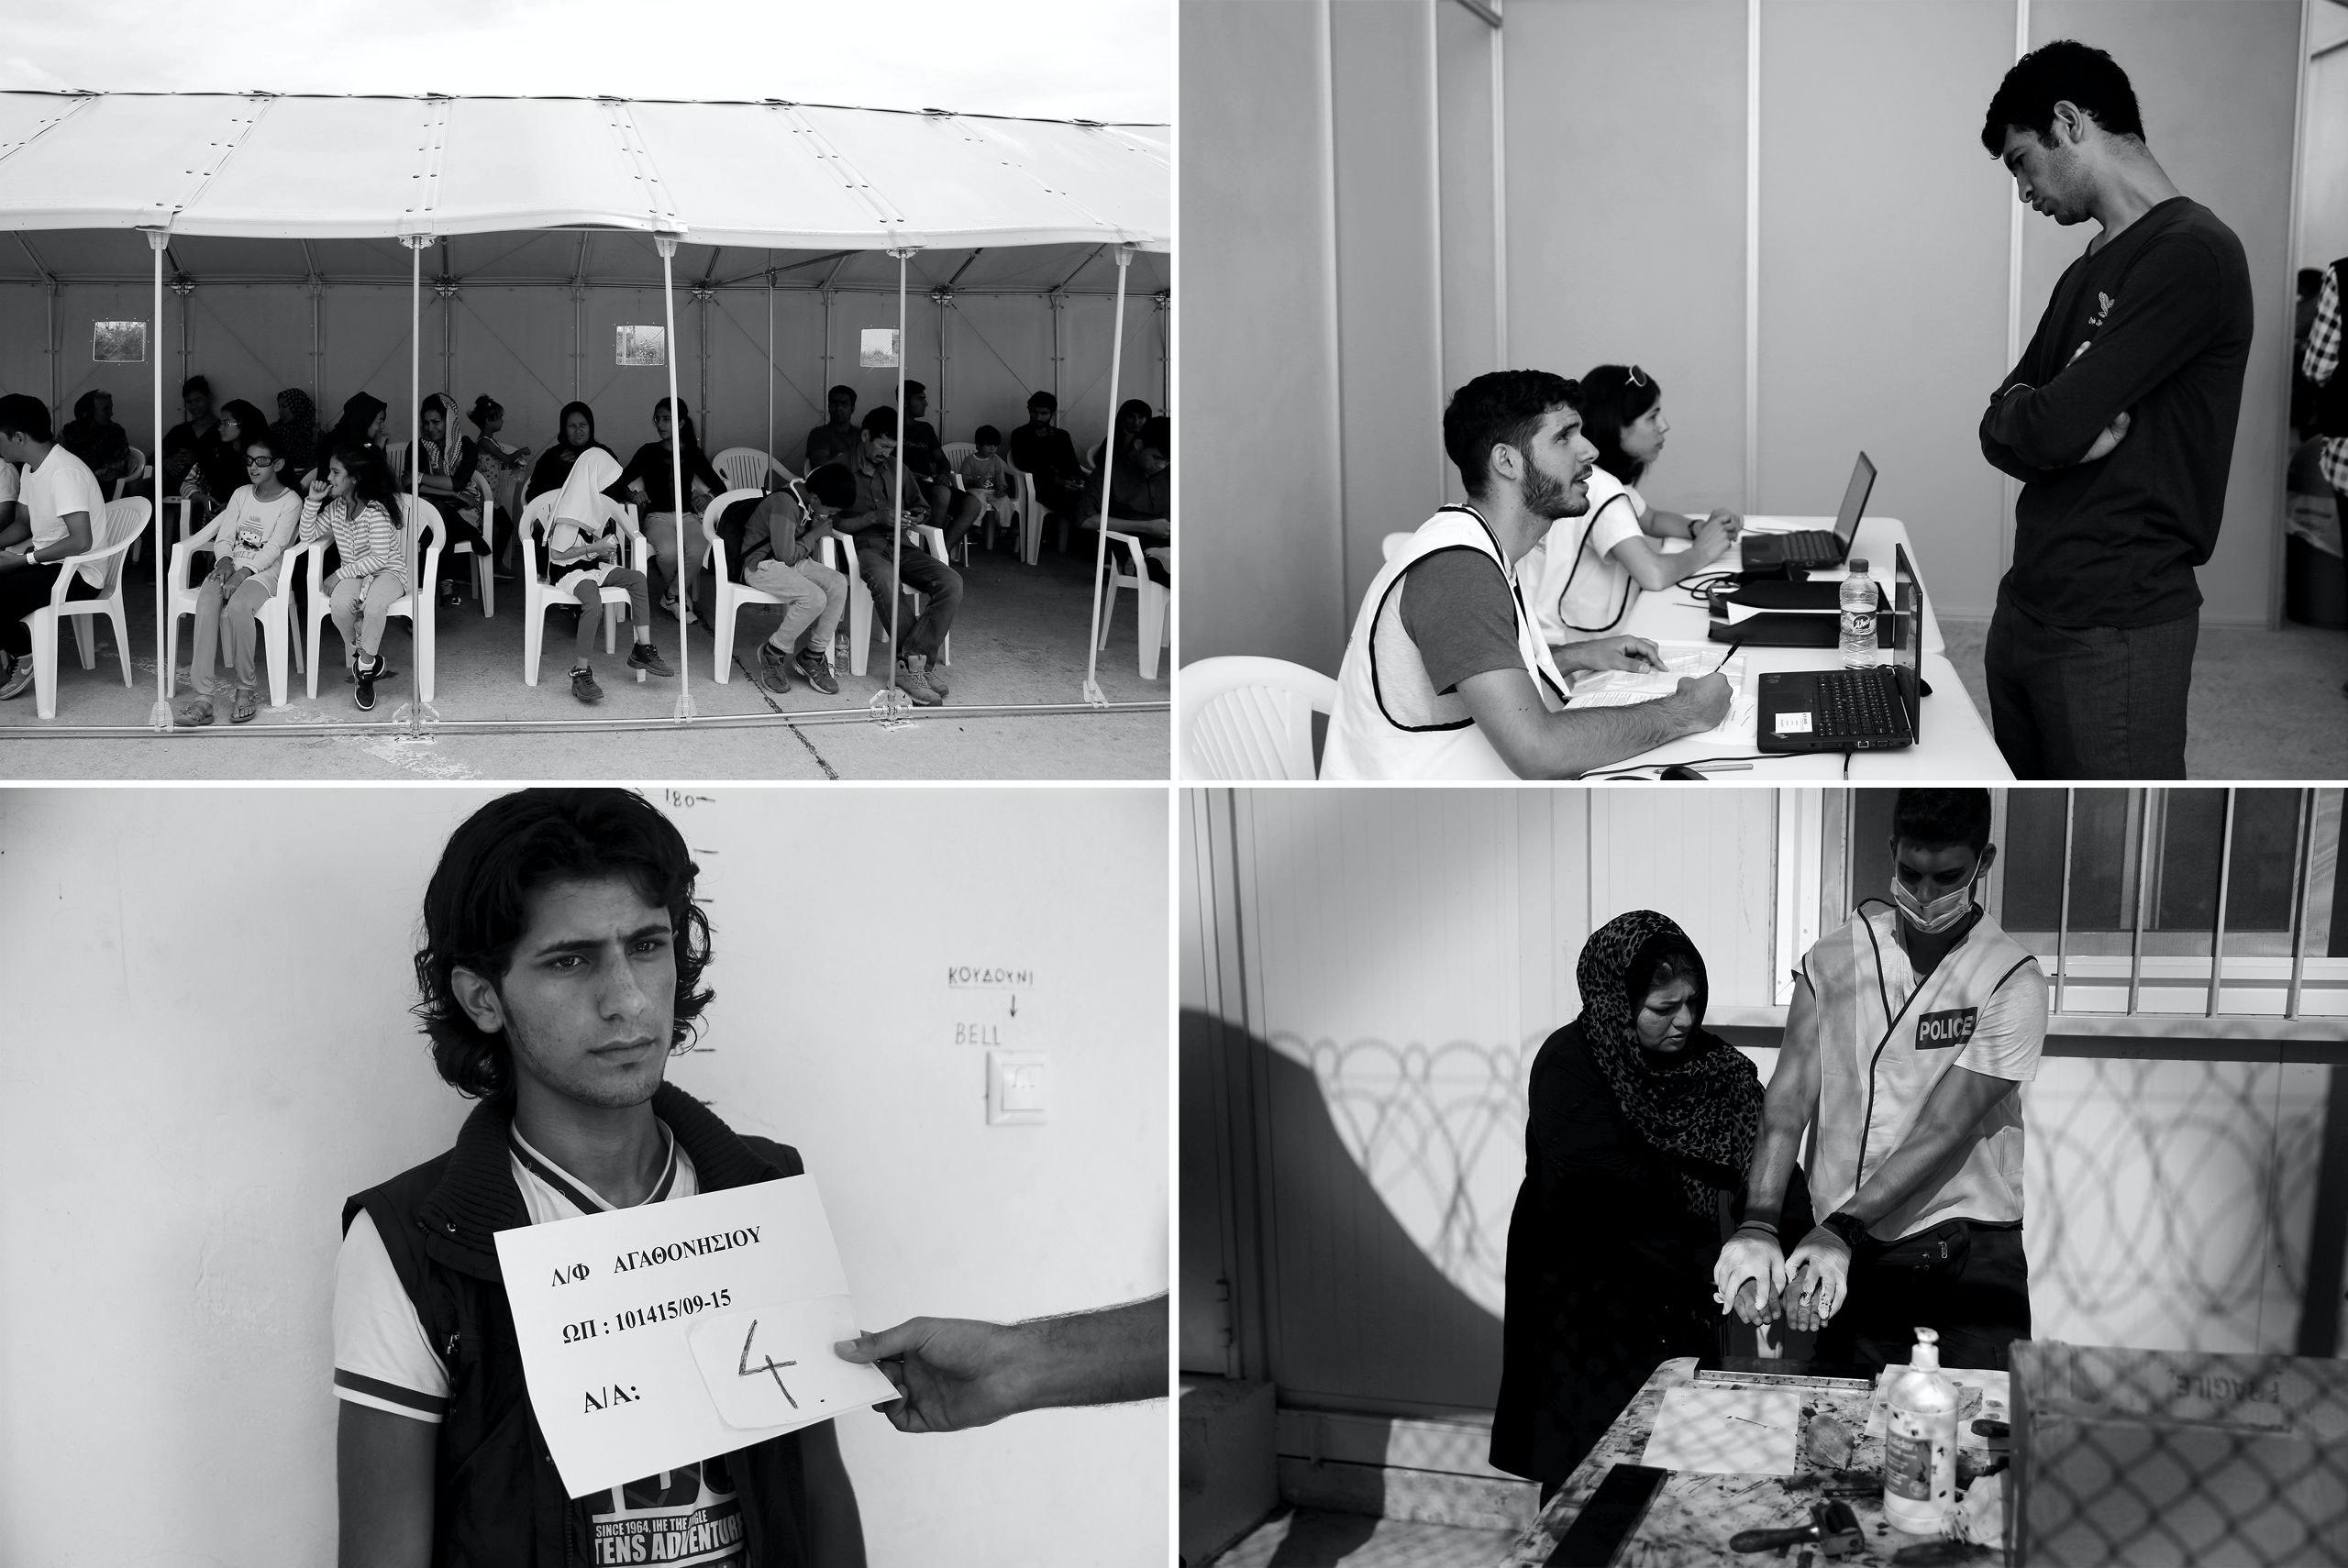 Linksboven: vluchtelingen en migranten wachten op een intake in de gebouwen van de niet meer gebruikte Hellenikon-luchthaven in Athene (2016). Rechtsboven: een personeelslid van de Hoge Commissaris voor Vluchtelingen (UNHCR) spreekt met een migrant tijdens een preregistratieproces dat toegang geeft tot de asielprocedure. Linksonder: Een Syrische vluchteling wordt gefotografeerd op een basis van de Griekse kustwacht (2015). Rechtsonder: afnemen van vingerafdrukken op Lesbos.